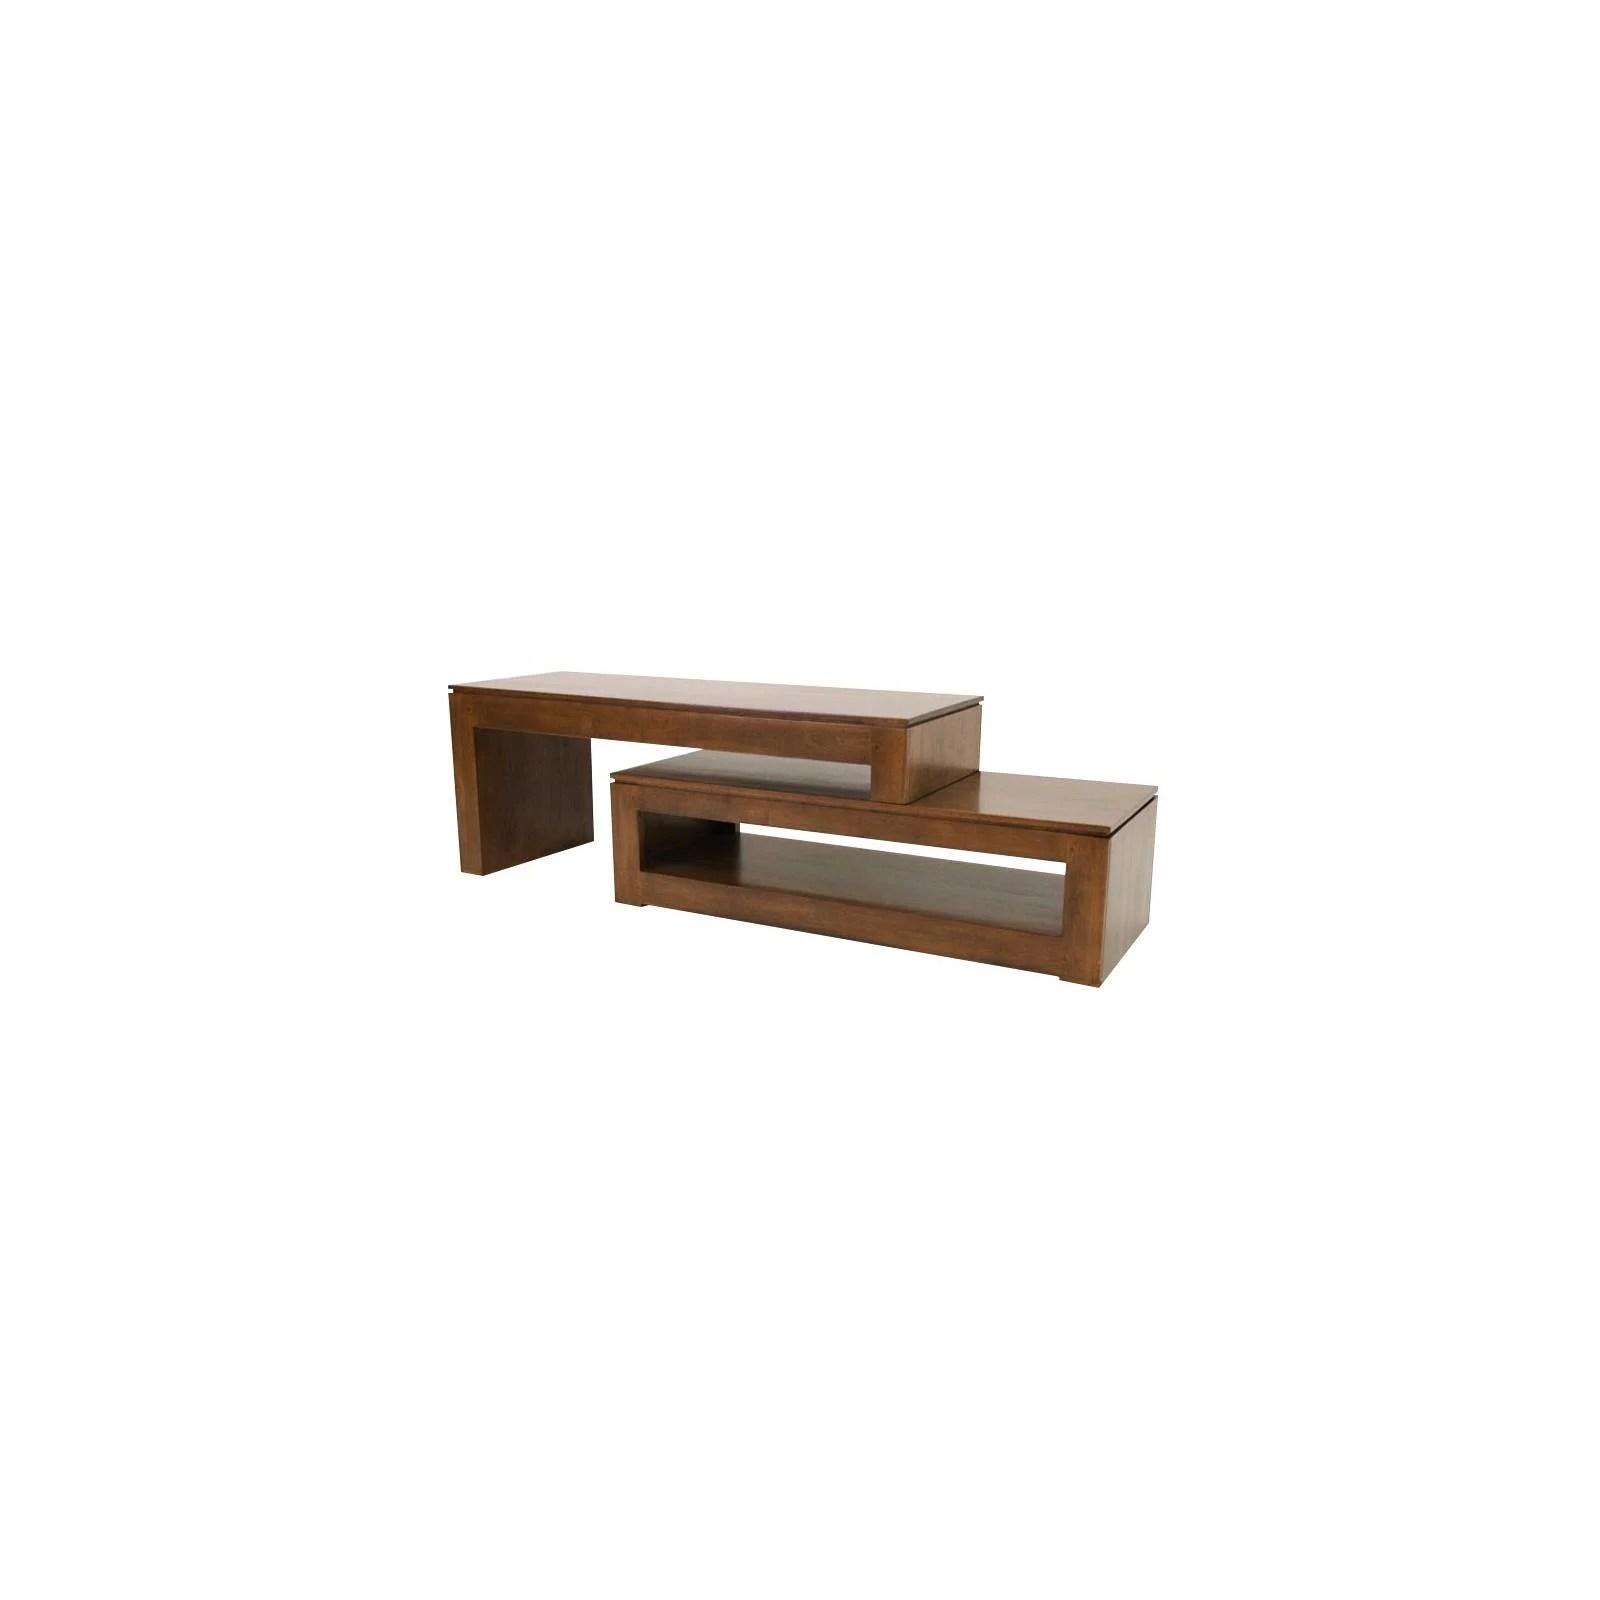 meuble tv hifi montreal hevea